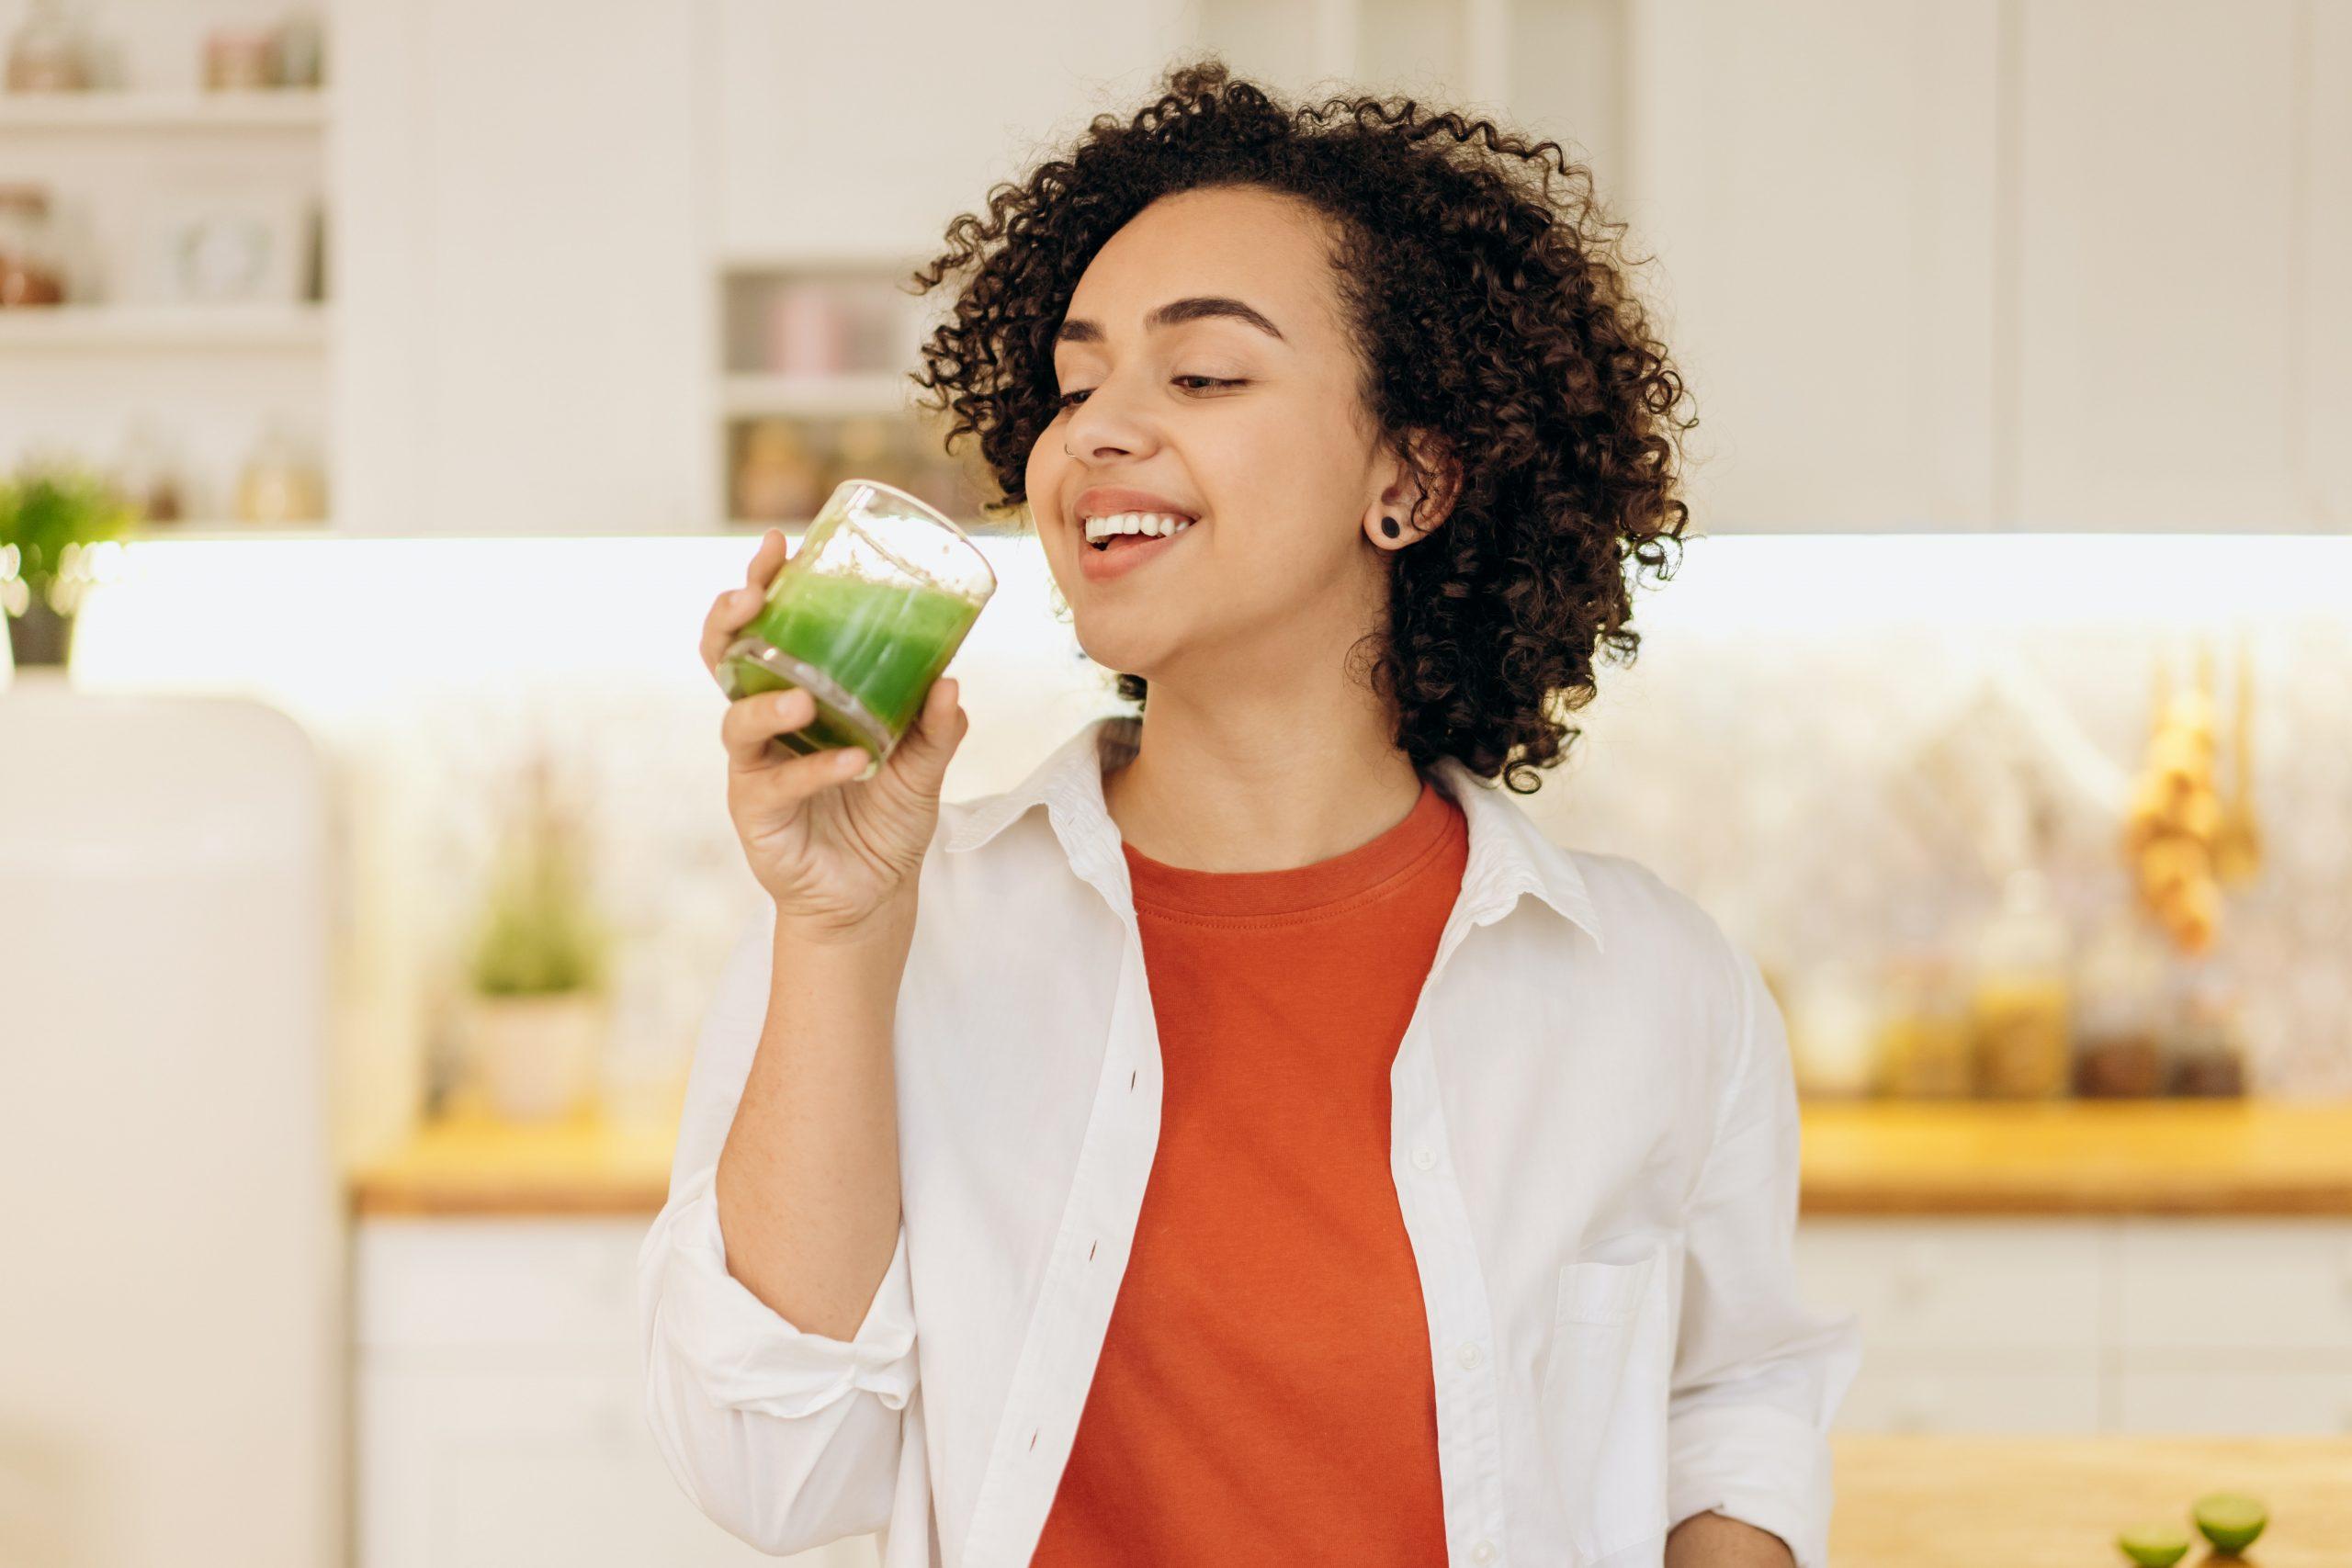 Imagem de uma mulher tomando suco verde.